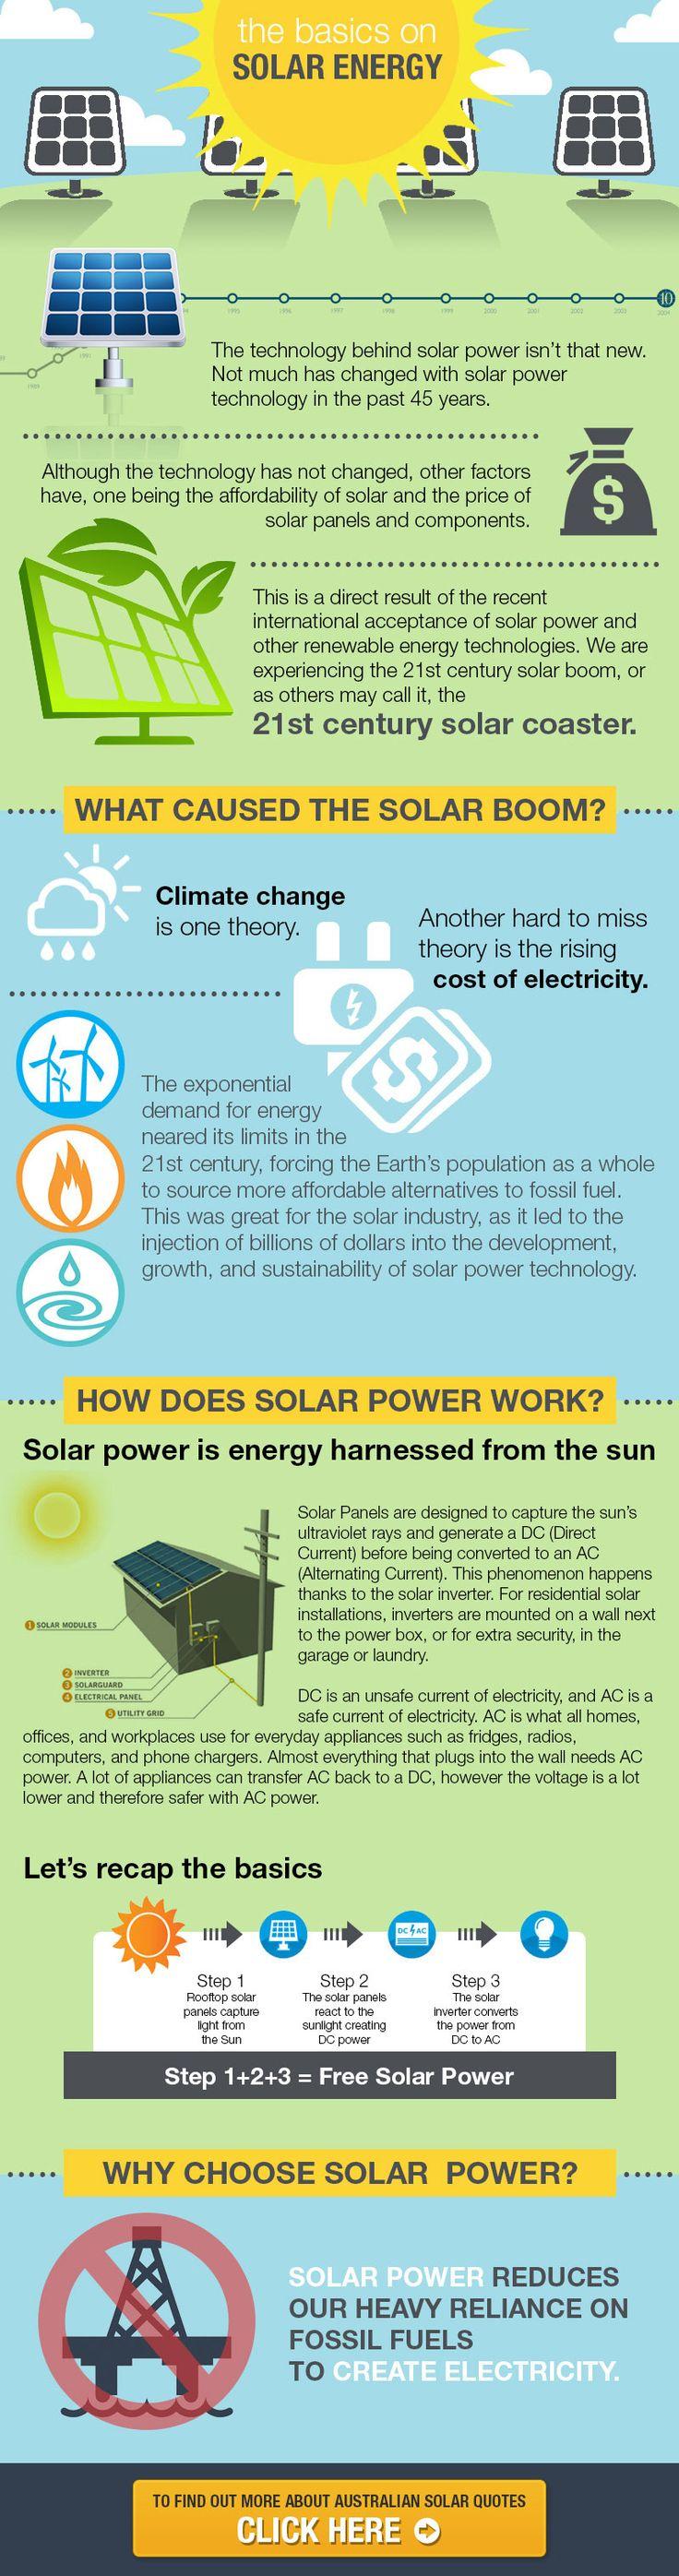 the-basics-on-solar-energy.jpg